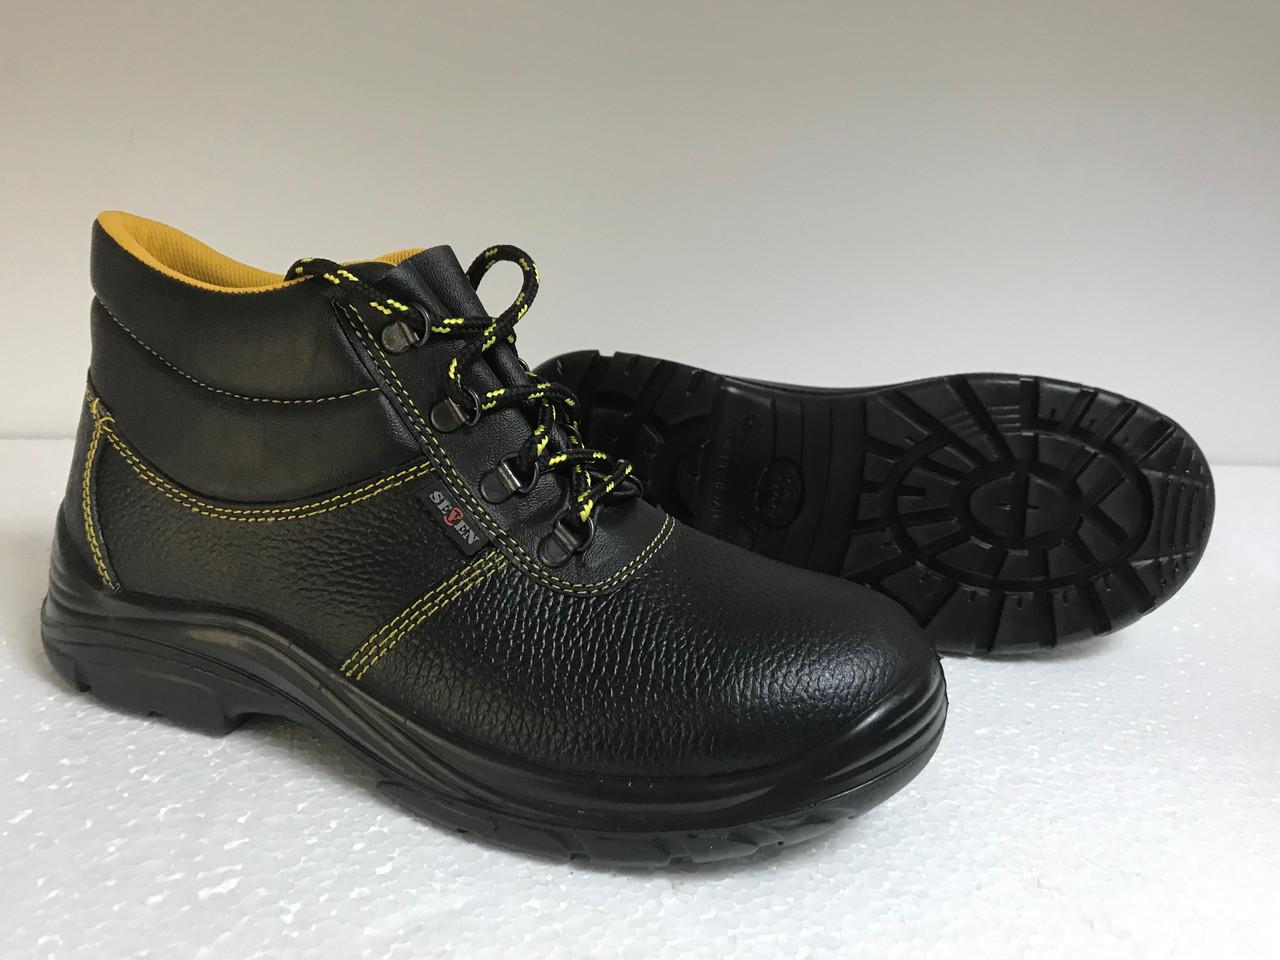 Черевики робочі Seven safety з металевим носком